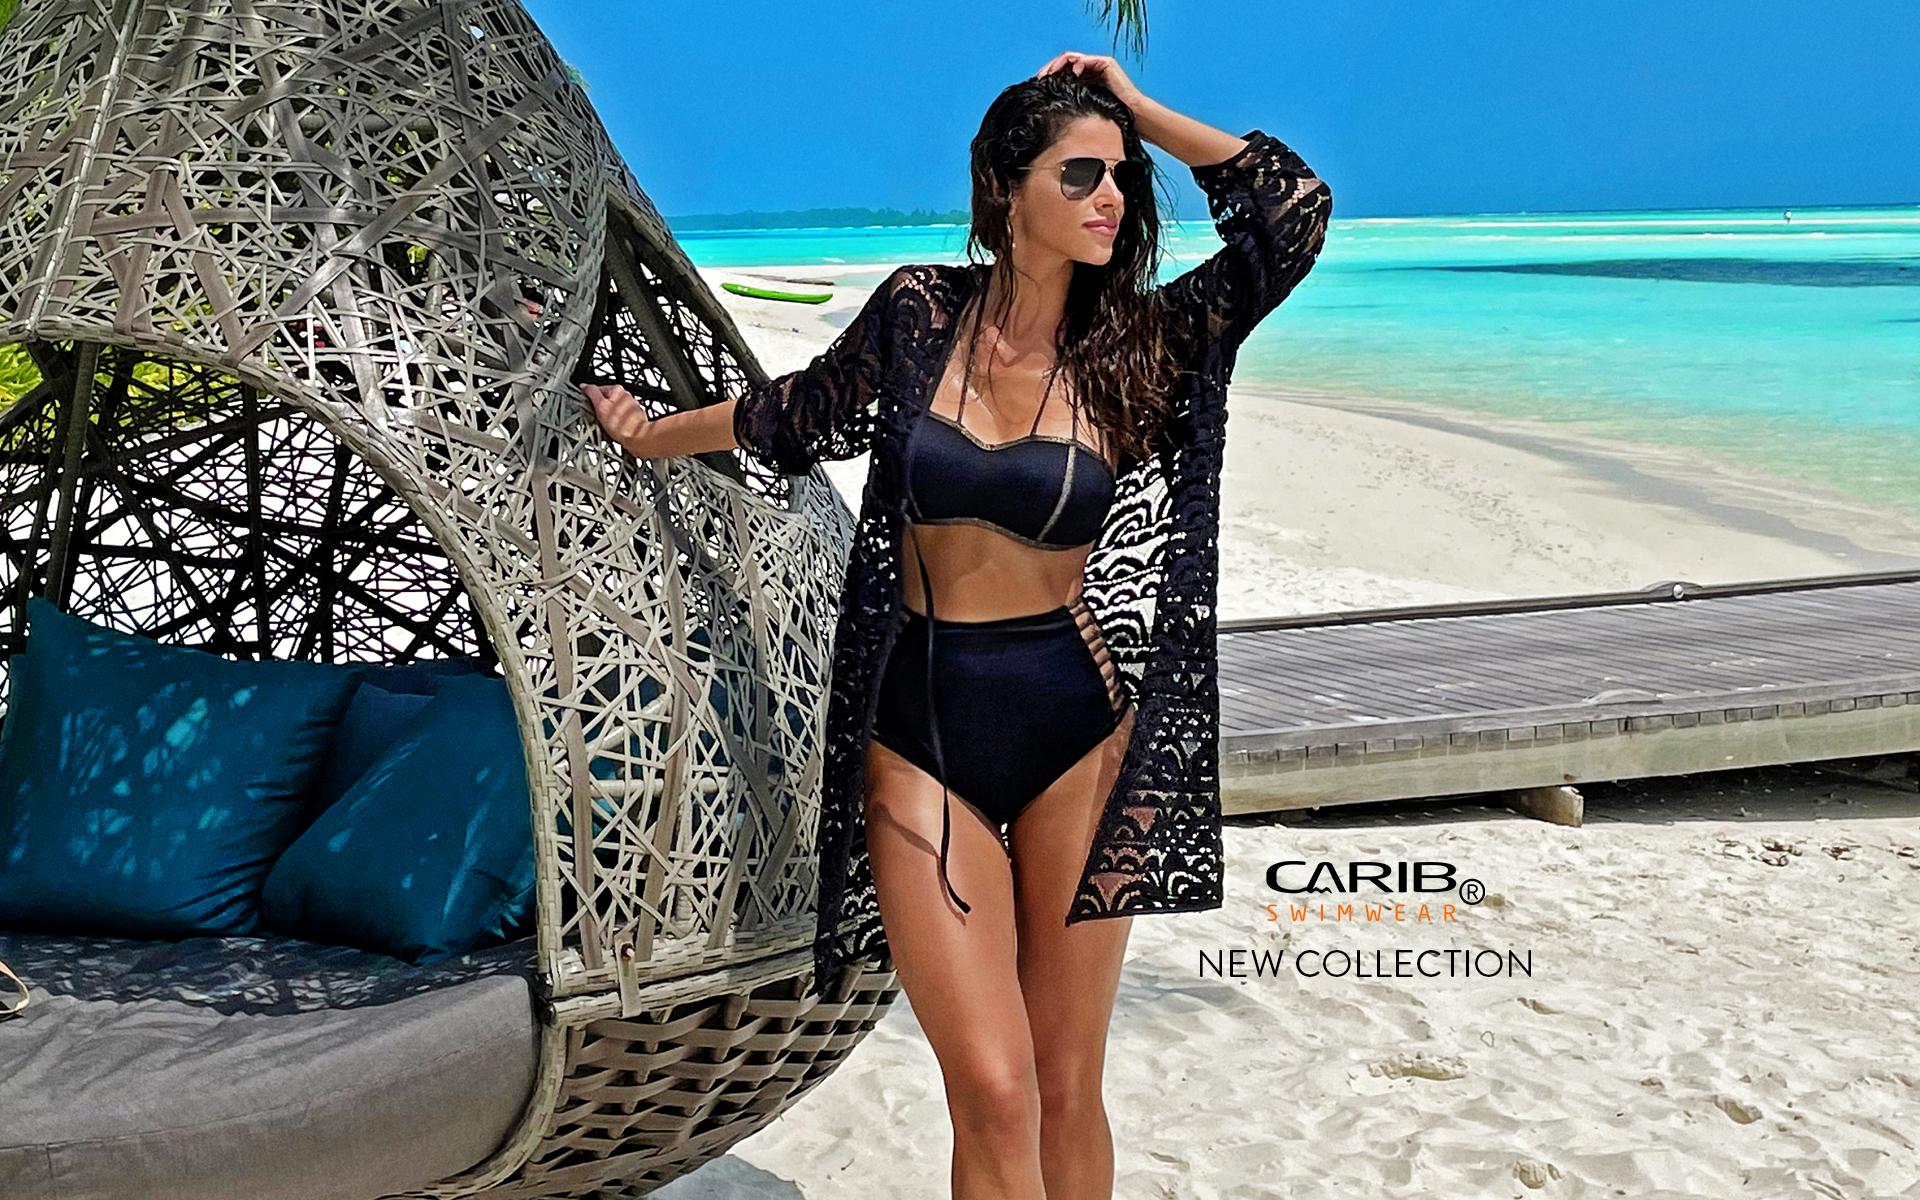 carib-furdoruha-bikini-2021-kollekcio-slider-2-